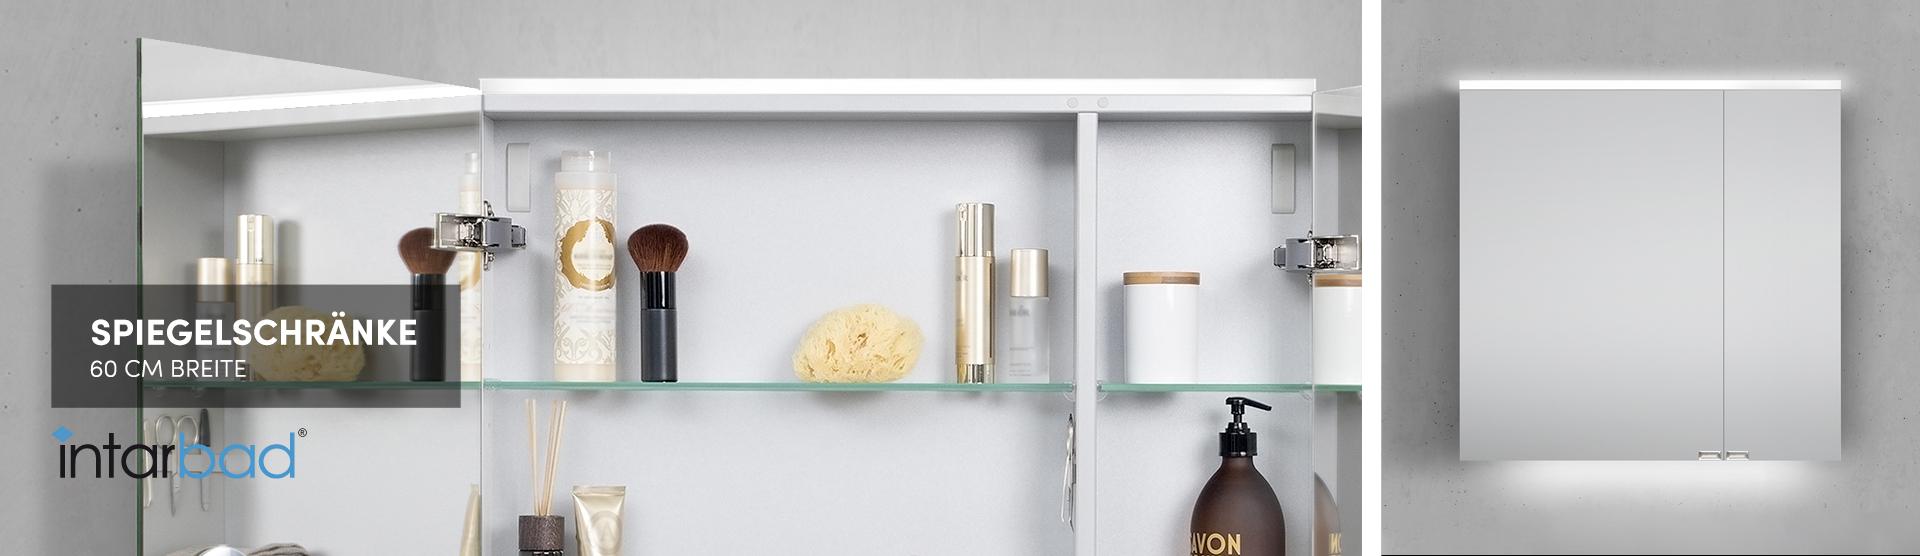 60cm Spiegelschranke Fur Ihr Bad Designbaeder Com